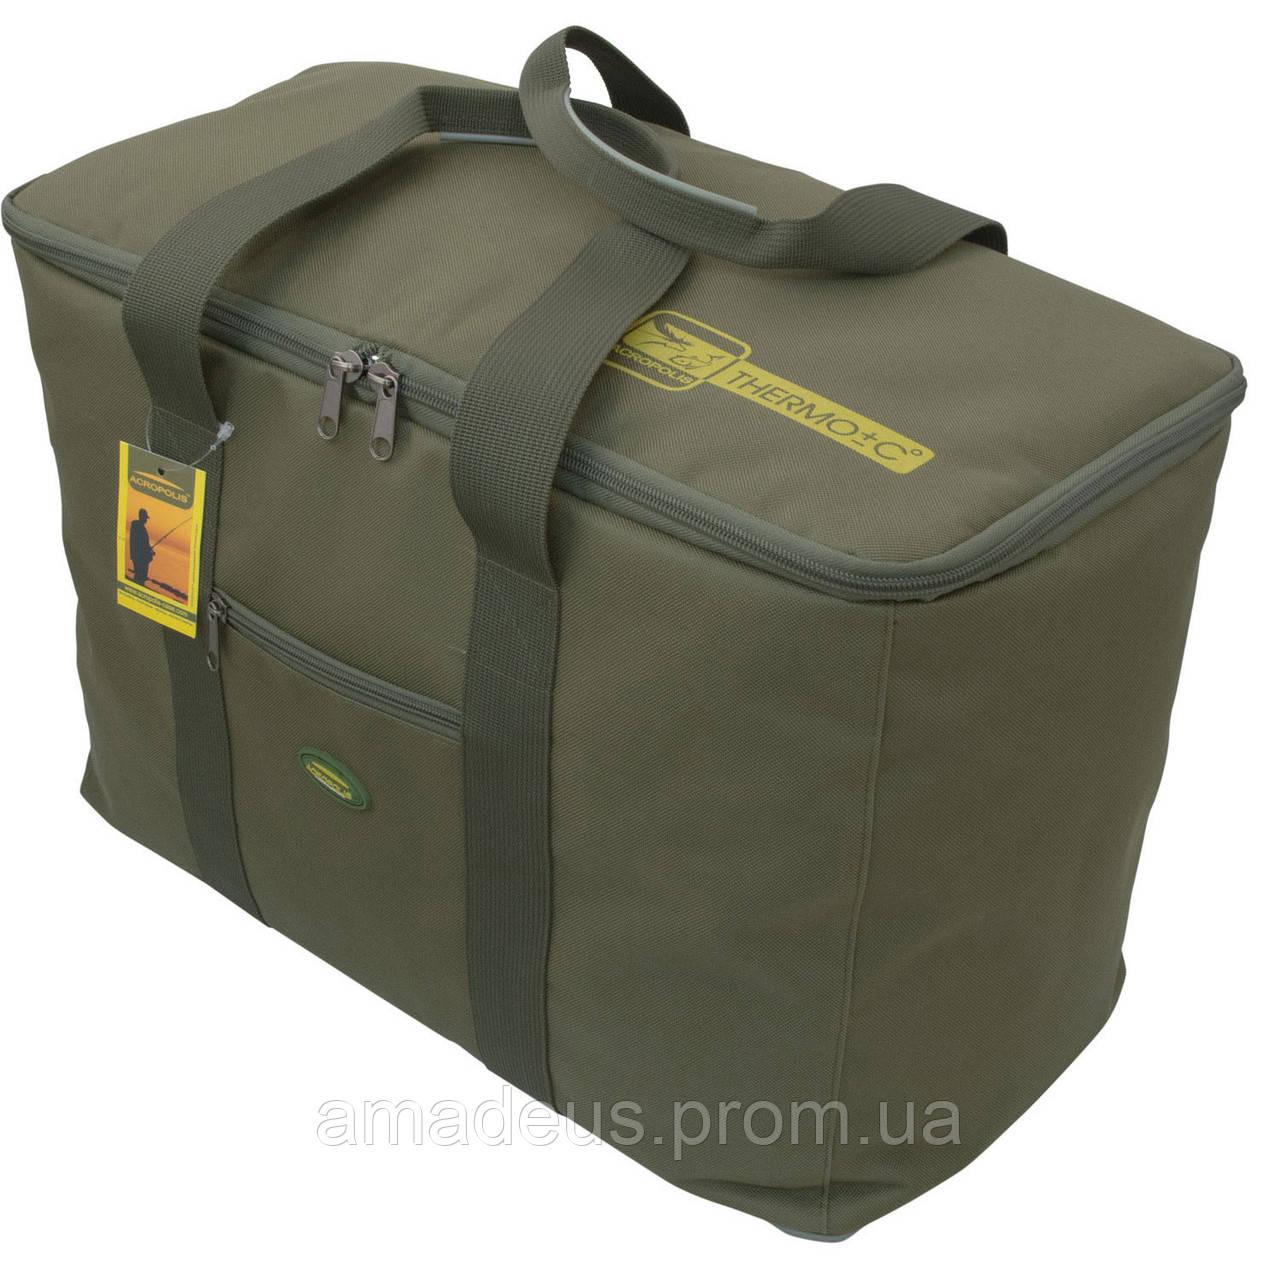 Сумка-холодильник для хранения и транспортировки продуктов и напитков ТСТ-2